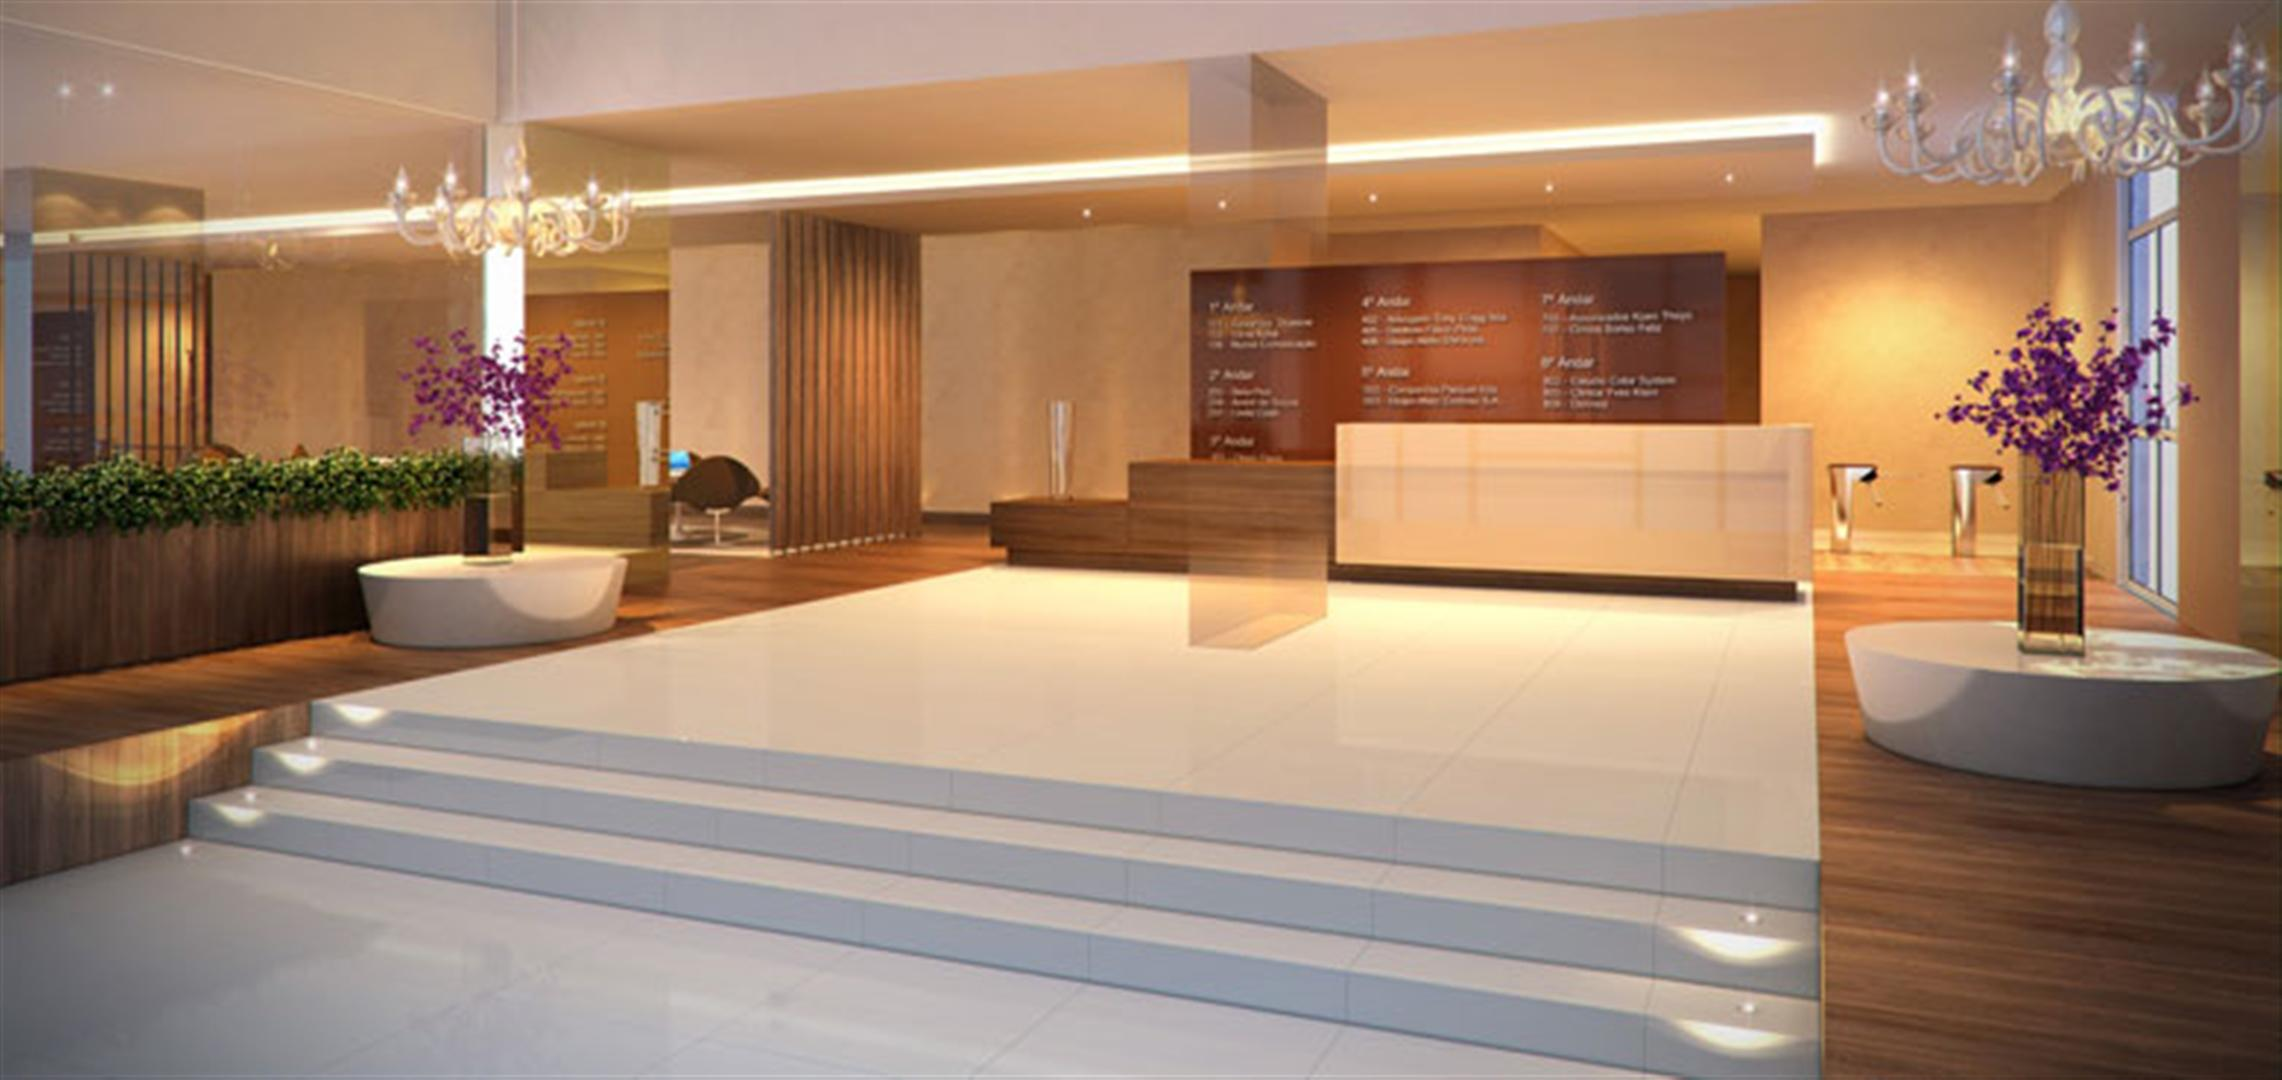 Office | Escritórios Design – Salas Comerciaisno  Cambuí - Campinas - São Paulo